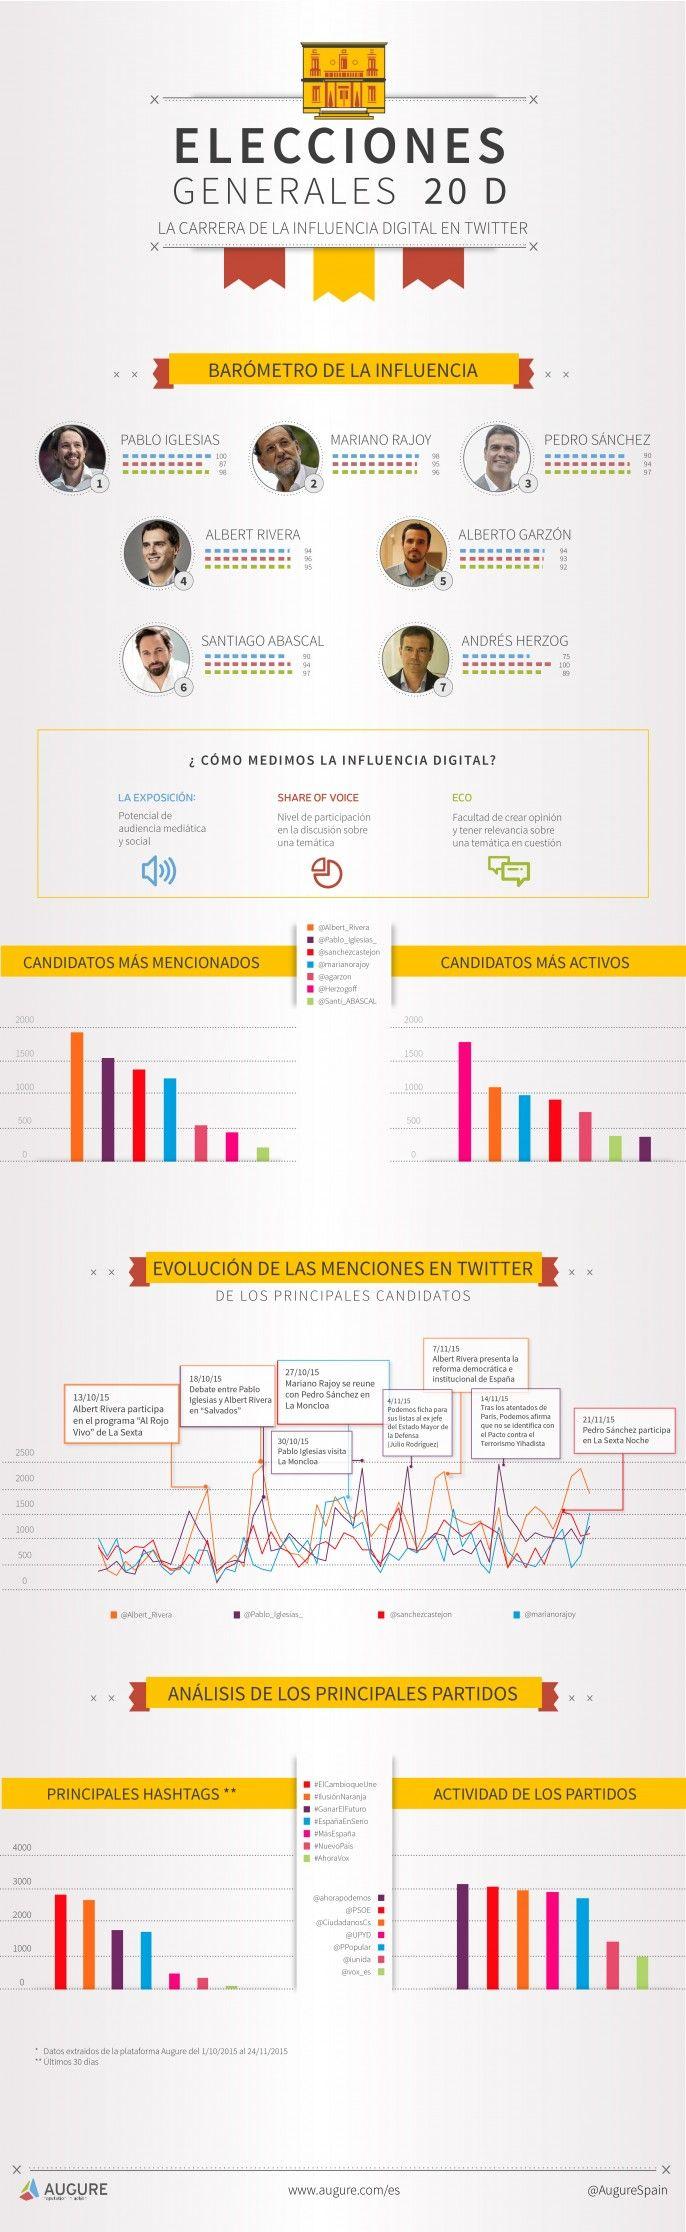 Elecciones generales en España 2015: influencia digital de sus candidatos